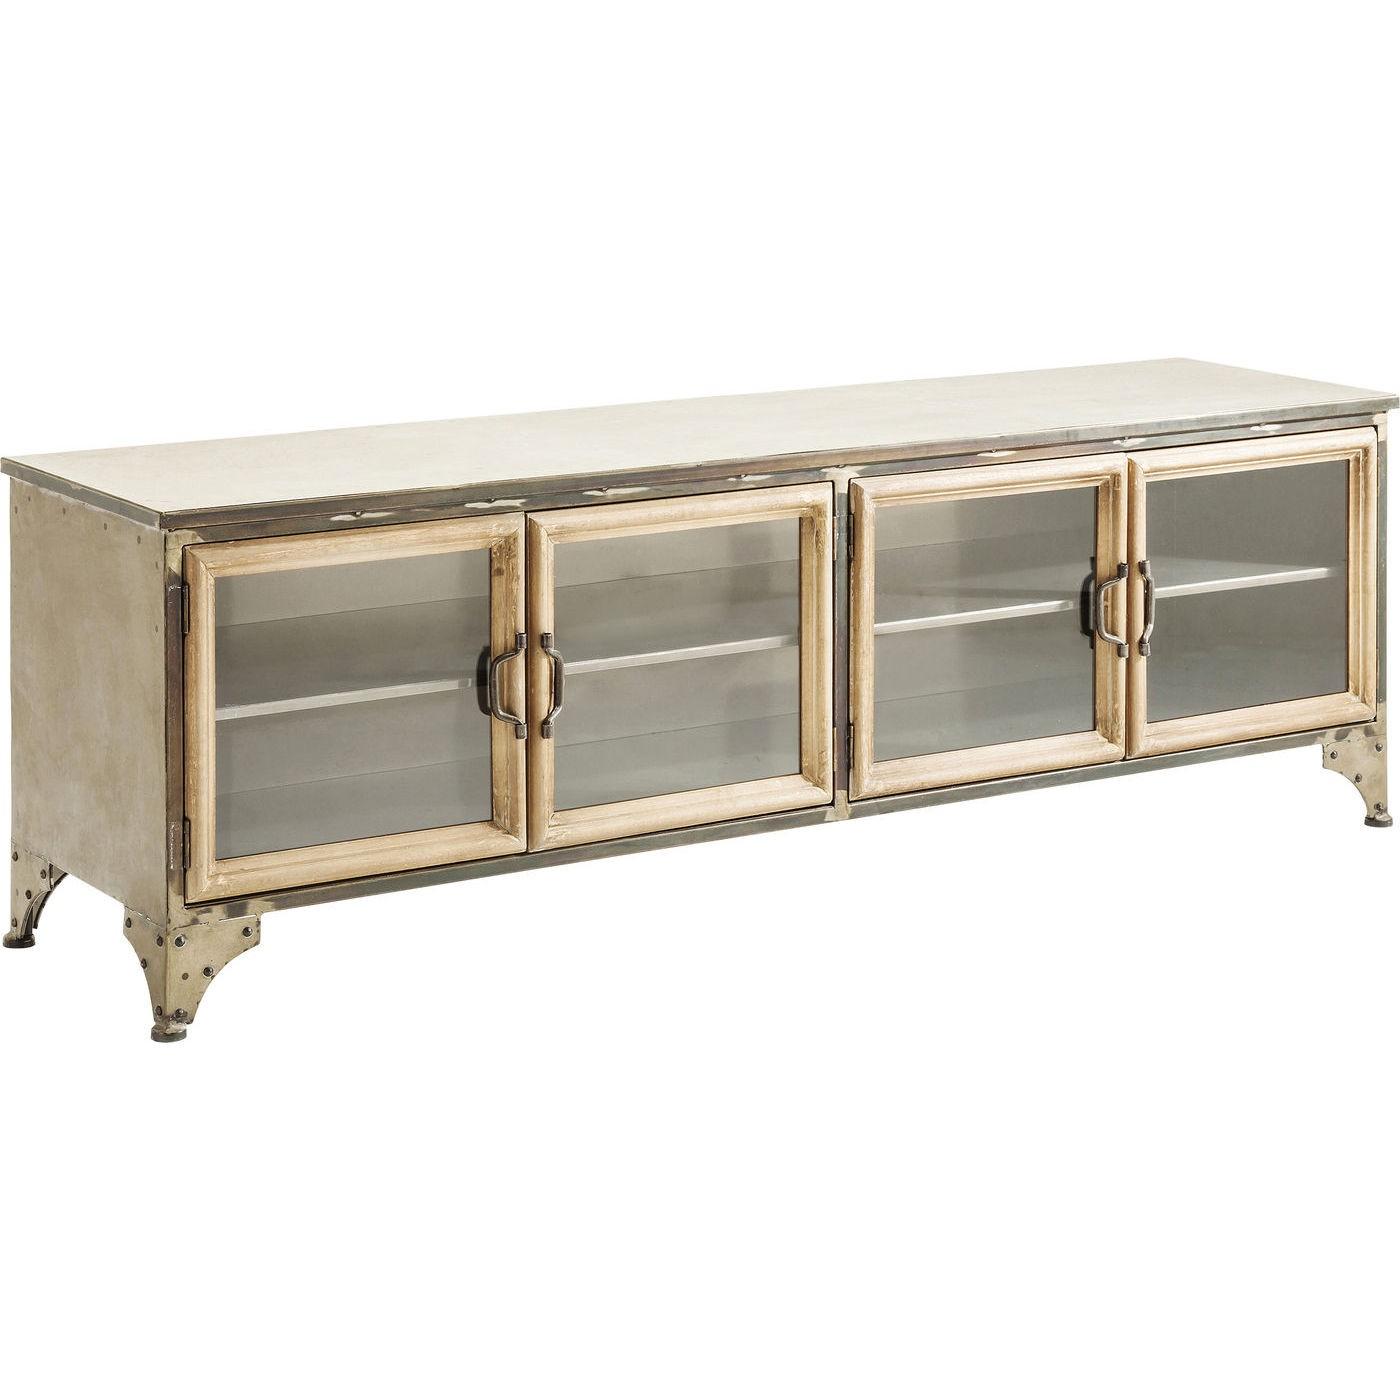 KARE DESIGN Kontor TV-bord - lakeret stål, m. 4 glaslåger